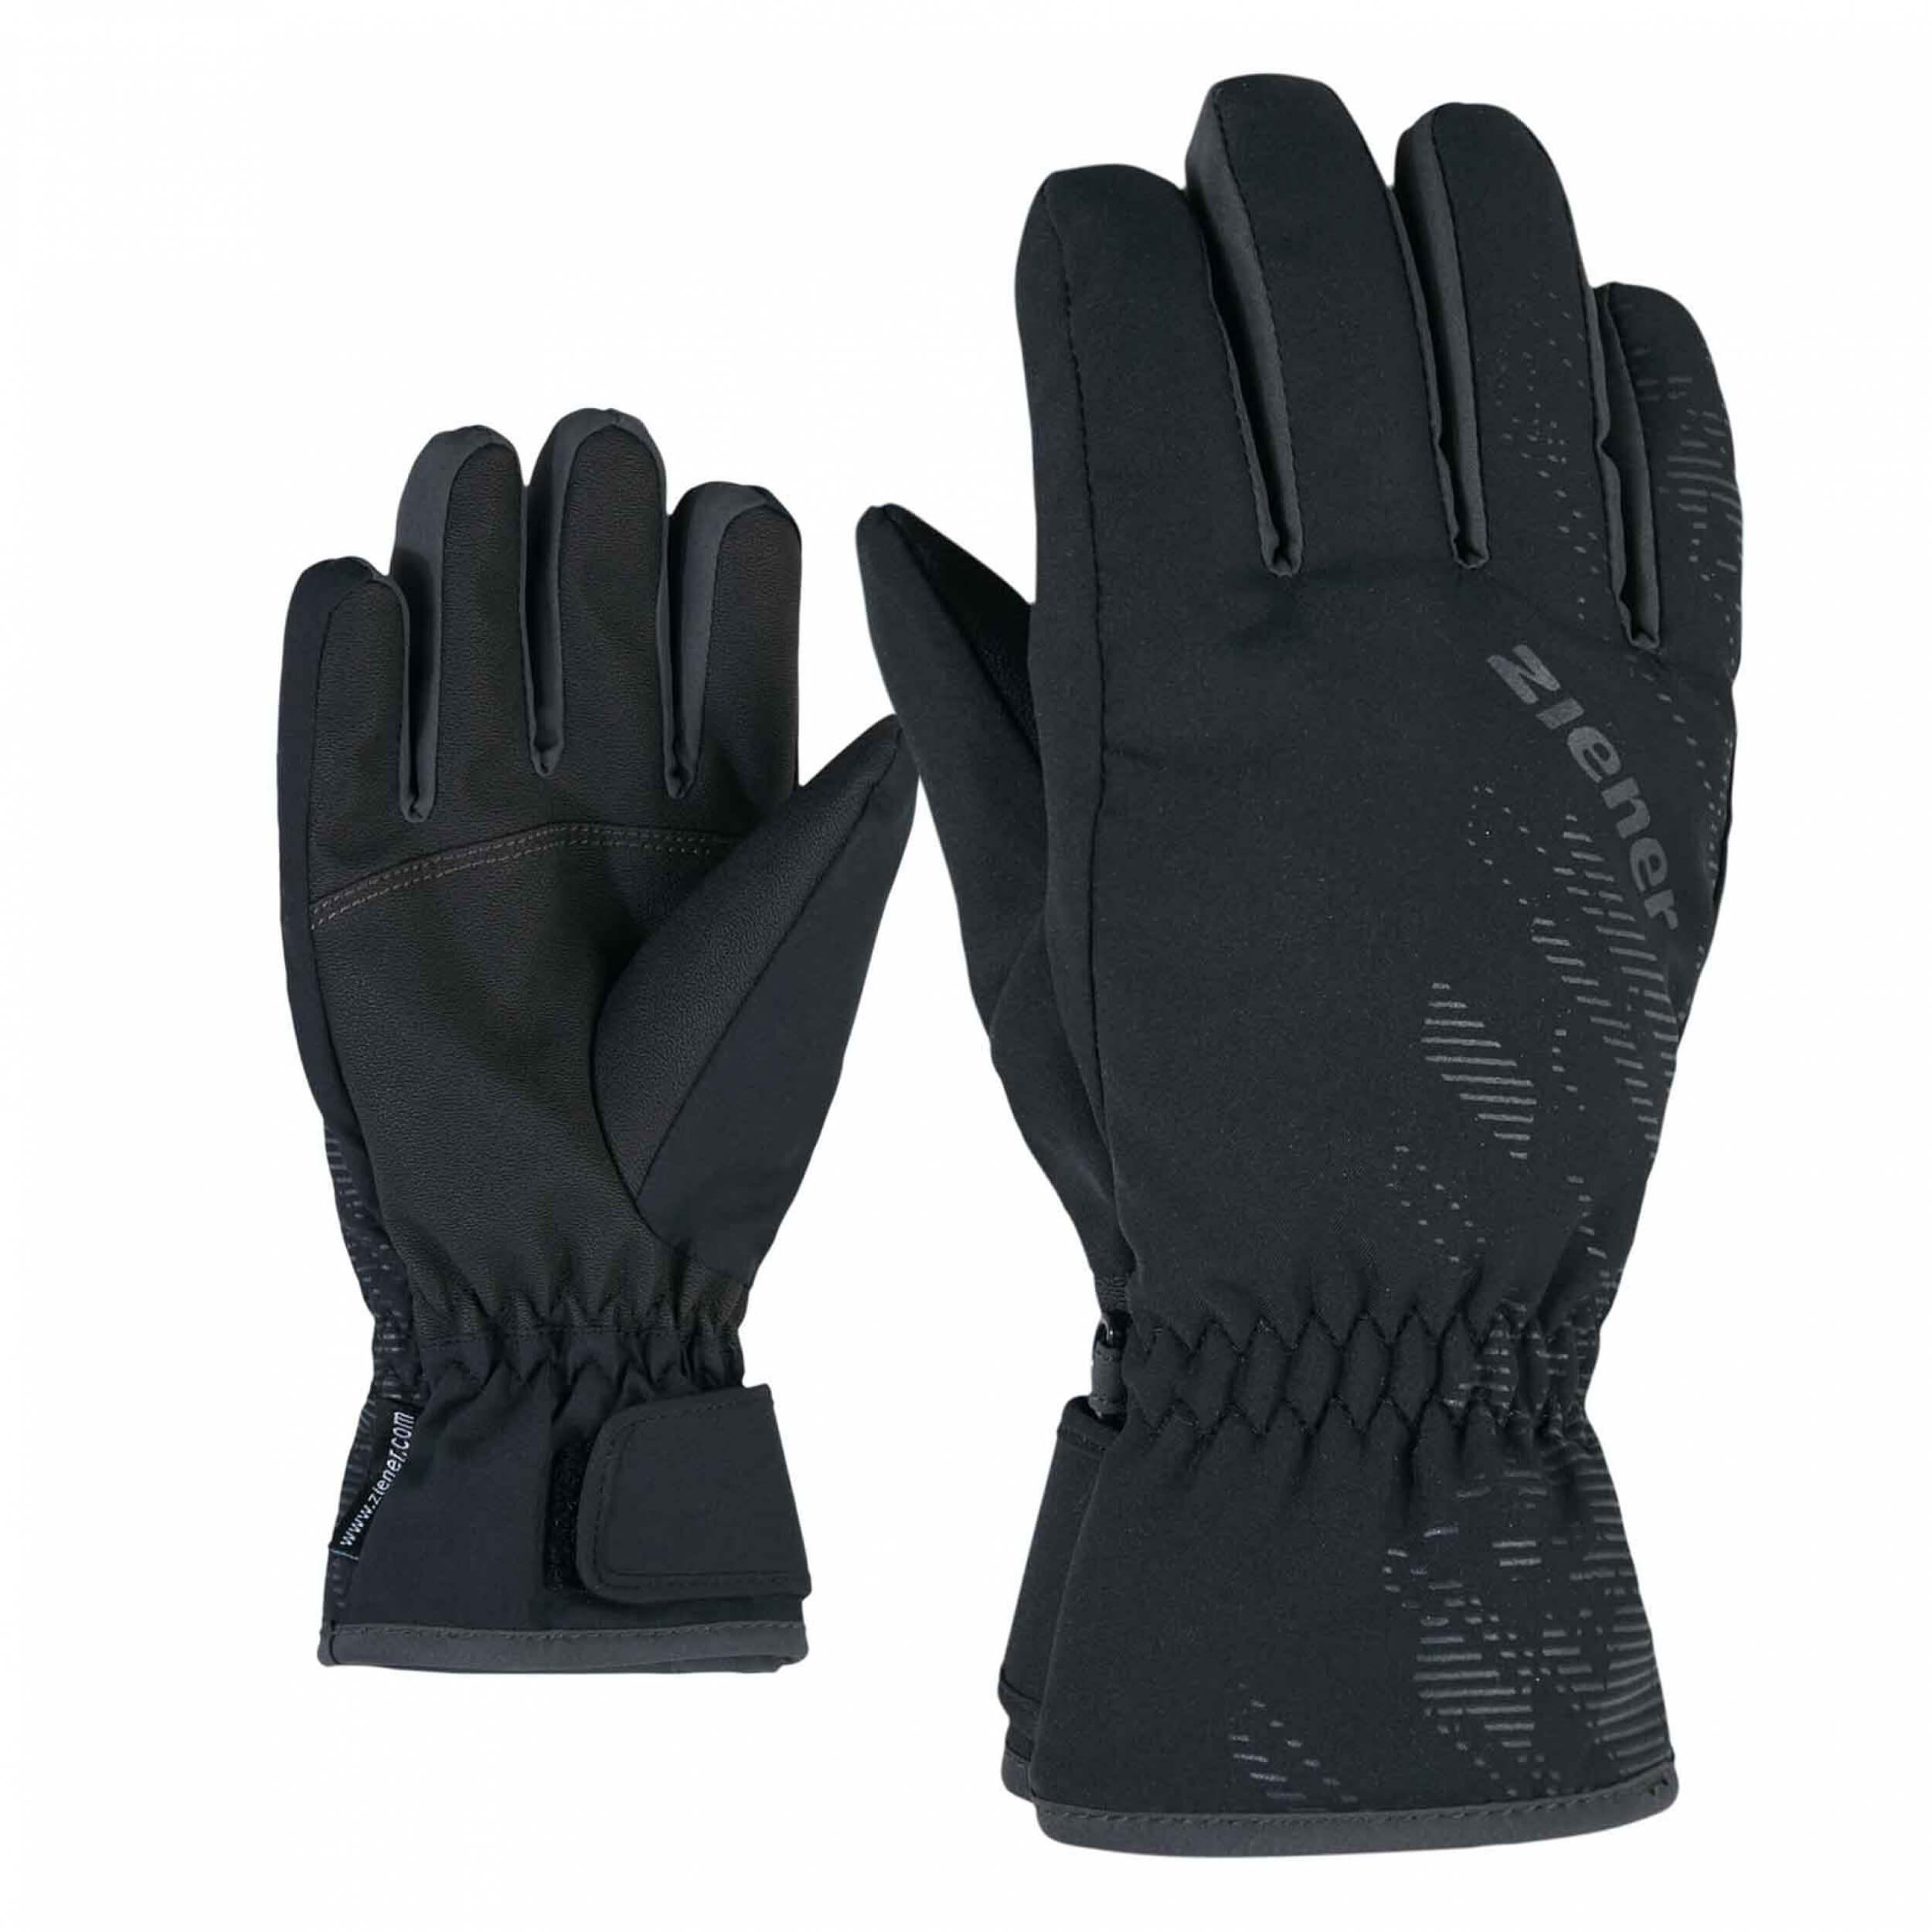 ZIENER Kinder Ski-Handschuhe Luffi AQUASHIELD schwarz 12